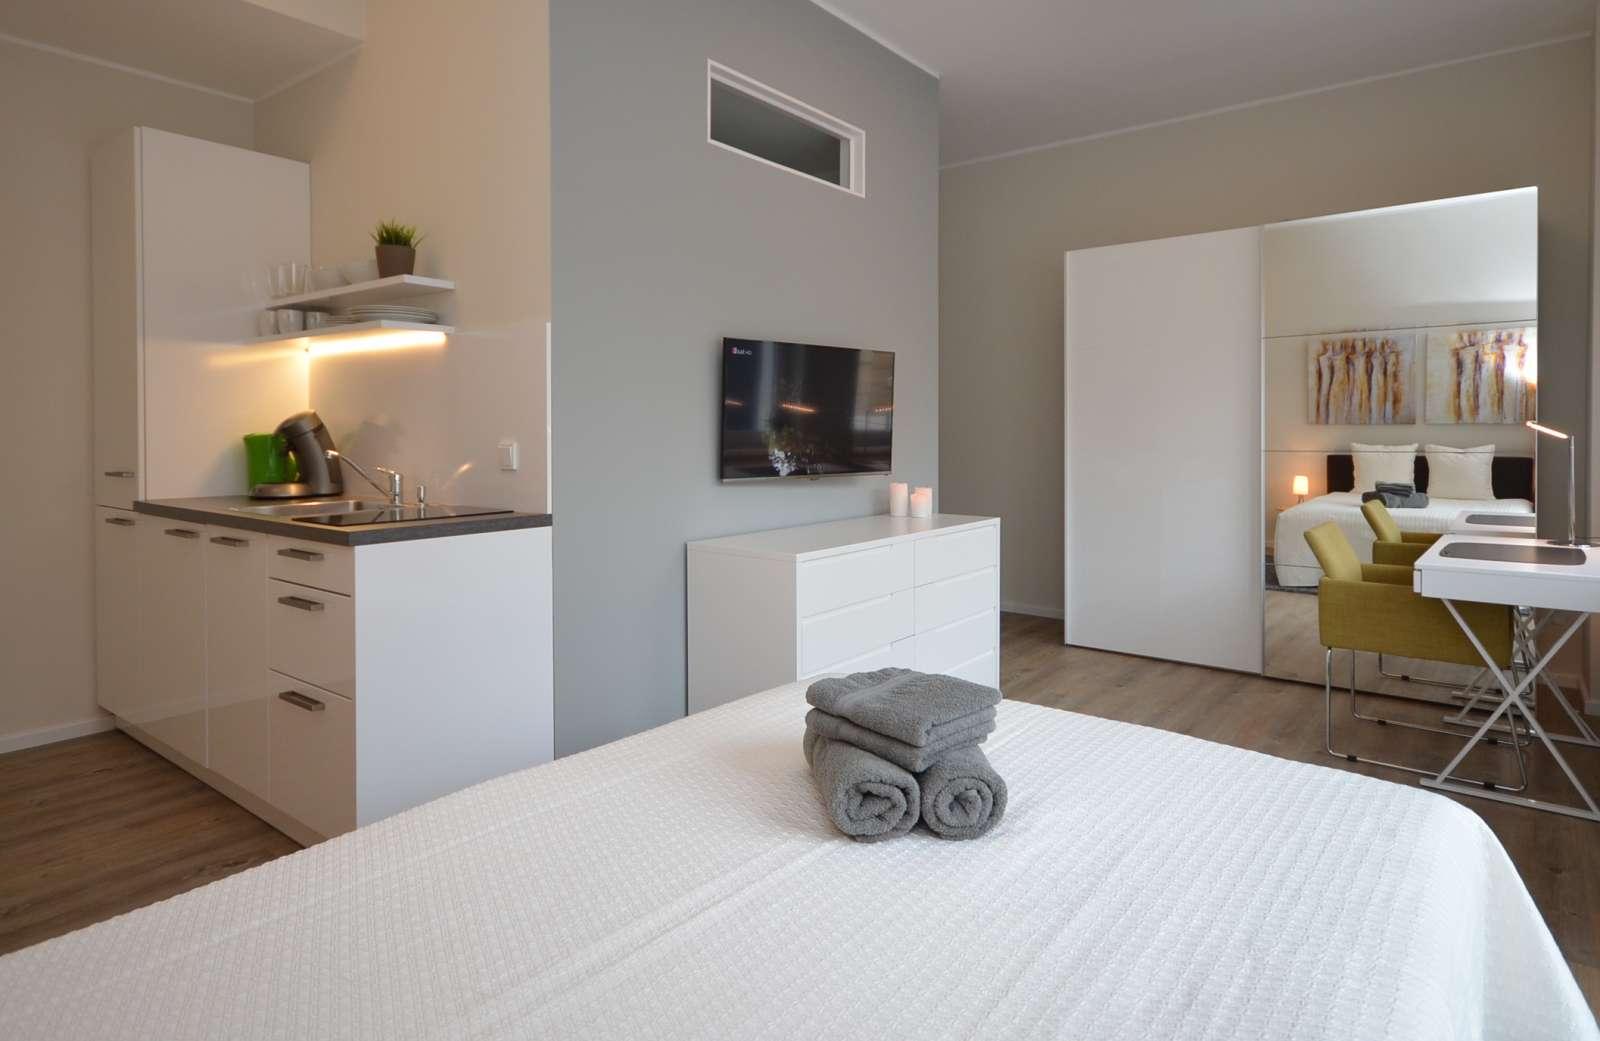 Studio apartment available for rent in Gesundbrunnen ...